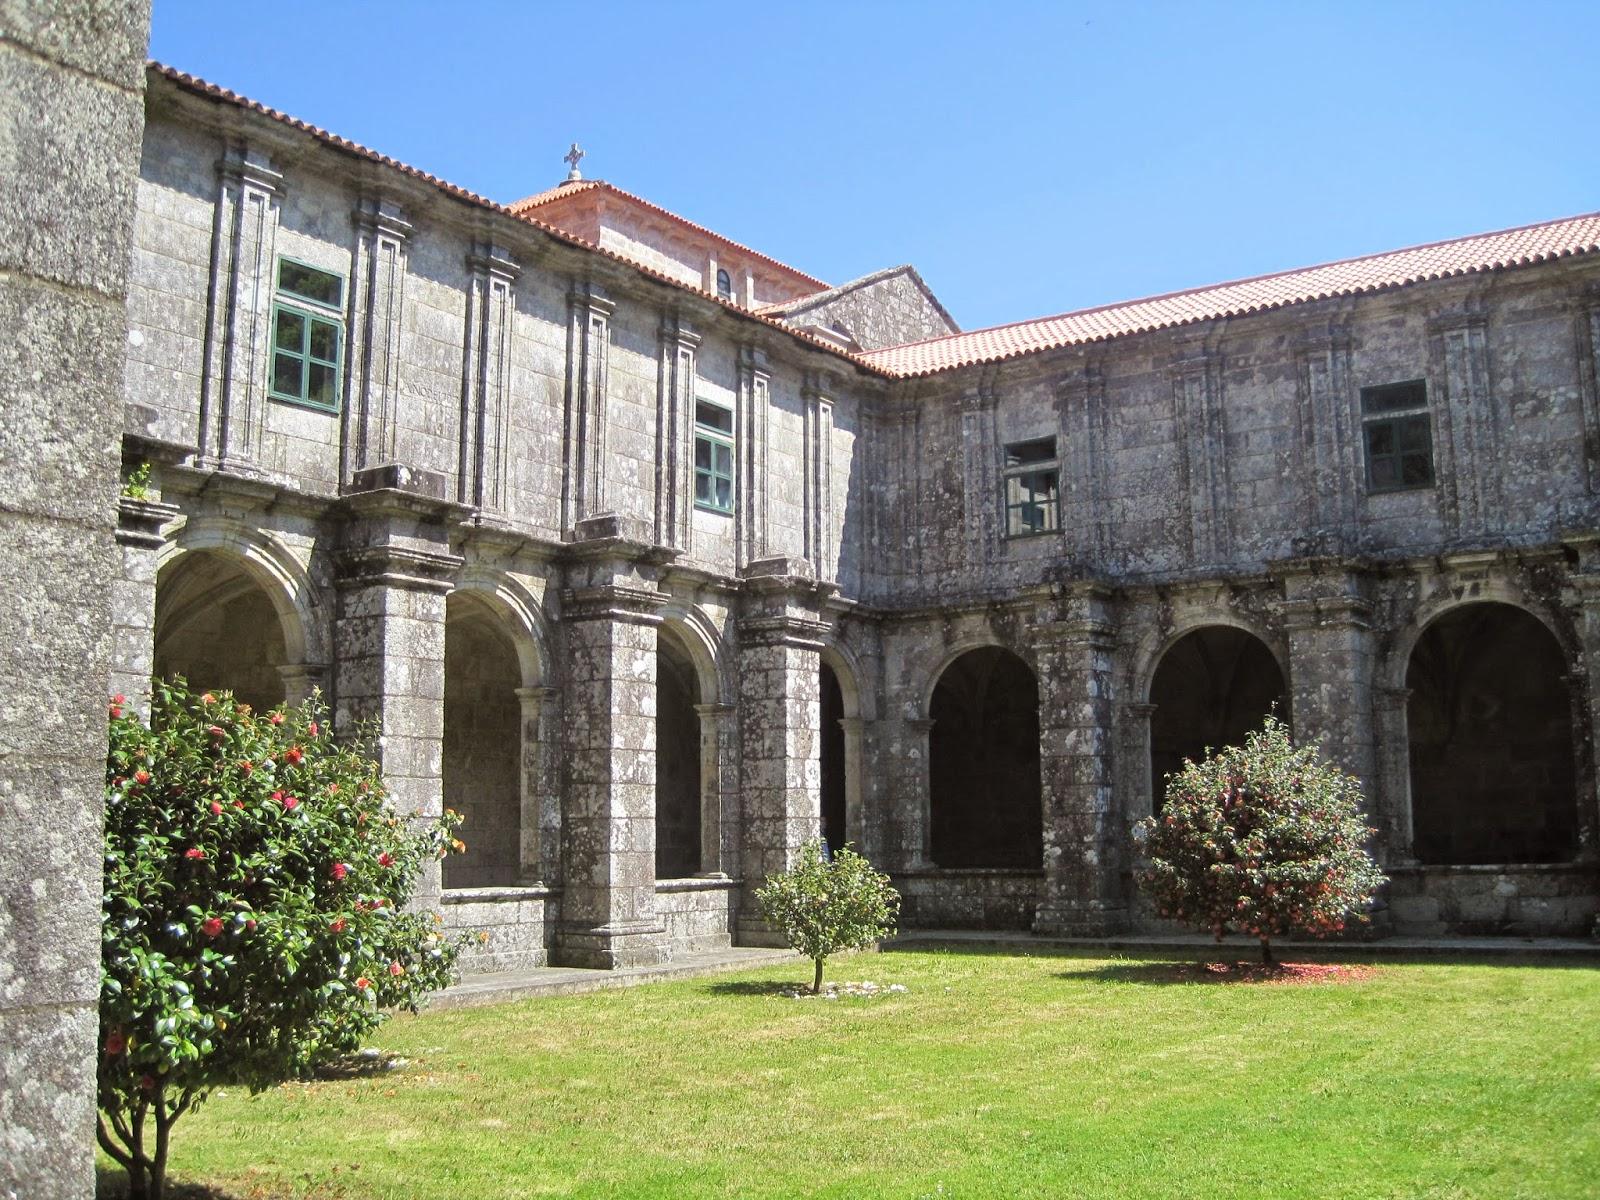 Monasterio de Santa María de Armenteira en Meis